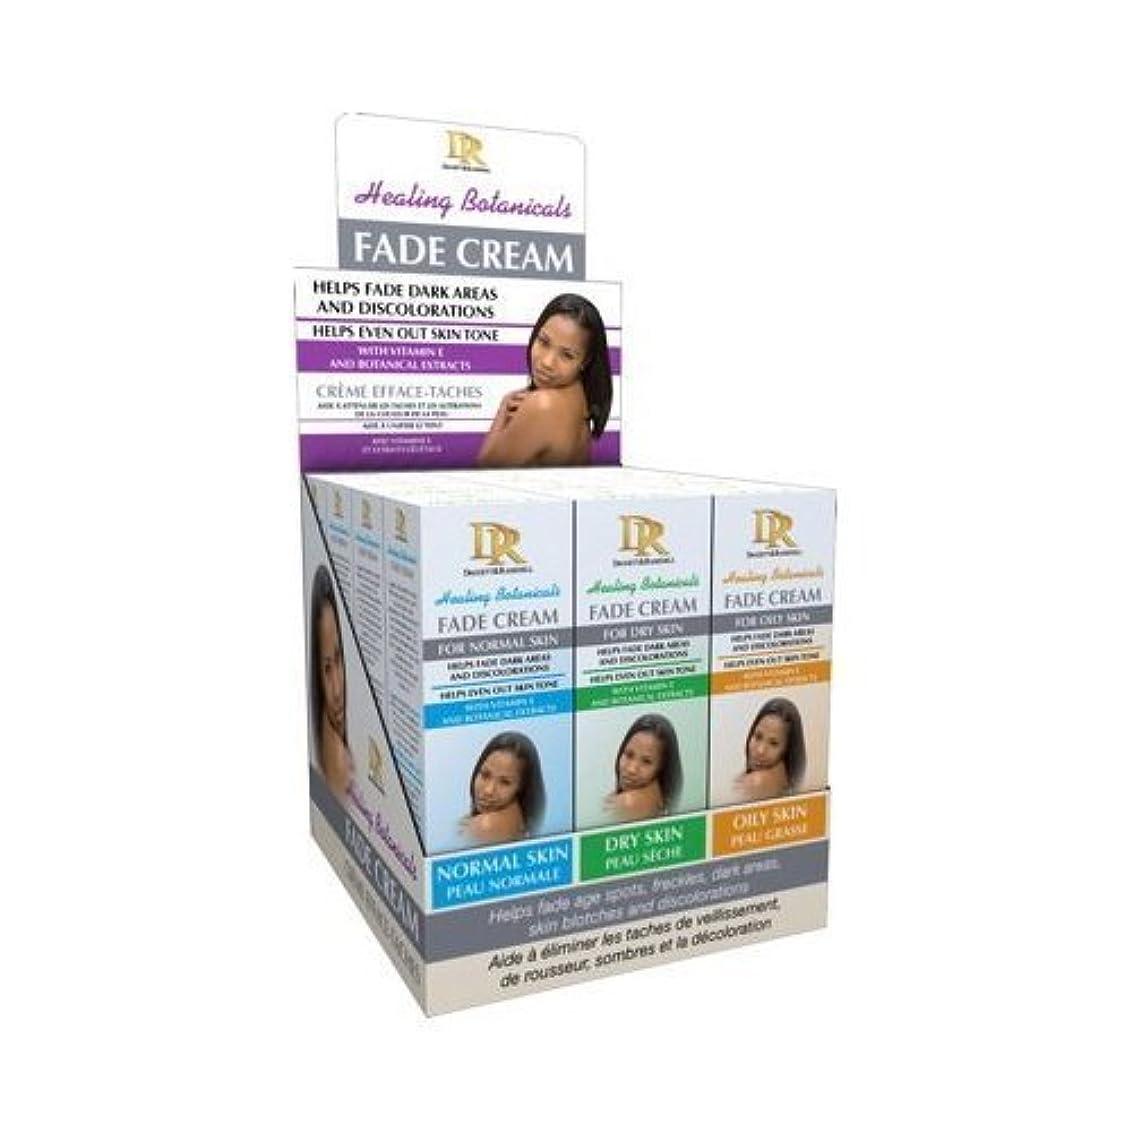 電球メロン浸すDaggett & Ramsdell Healing Botanicals Fade Cream (12 Pieces Prepack Display) (並行輸入品)